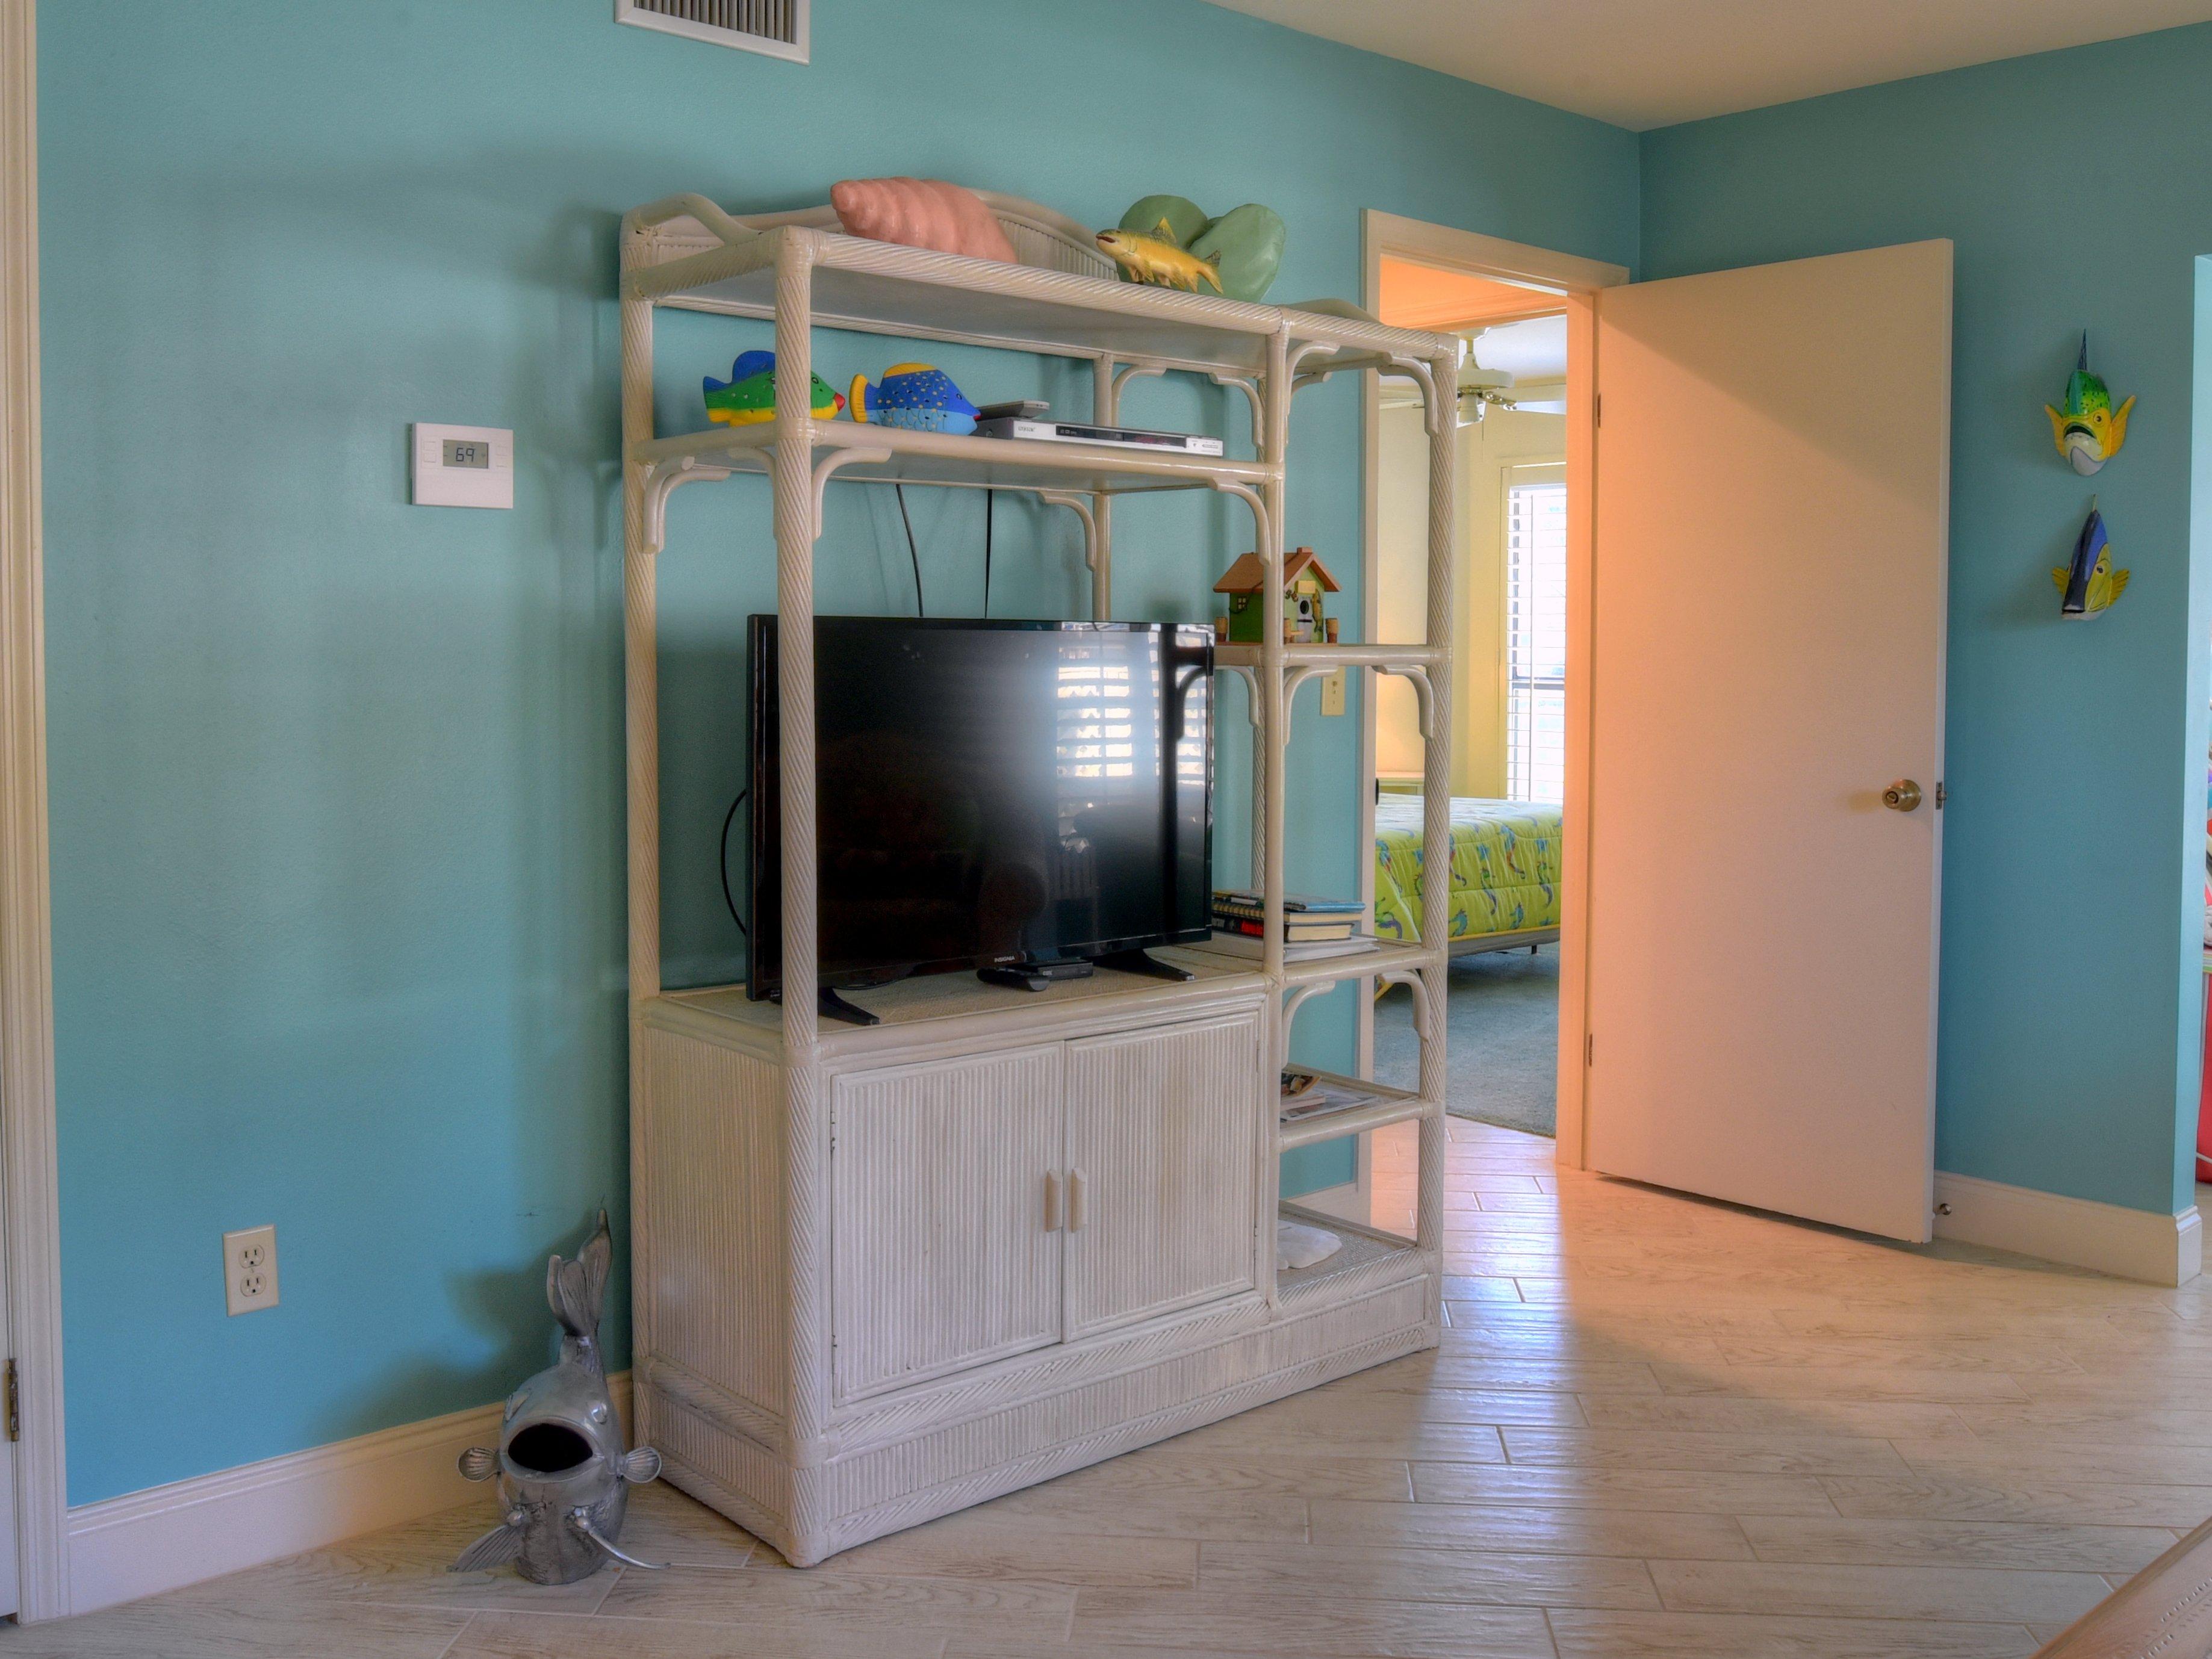 205 Fairways Condo rental in Sandestin Rentals ~ Cottages and Villas  in Destin Florida - #5